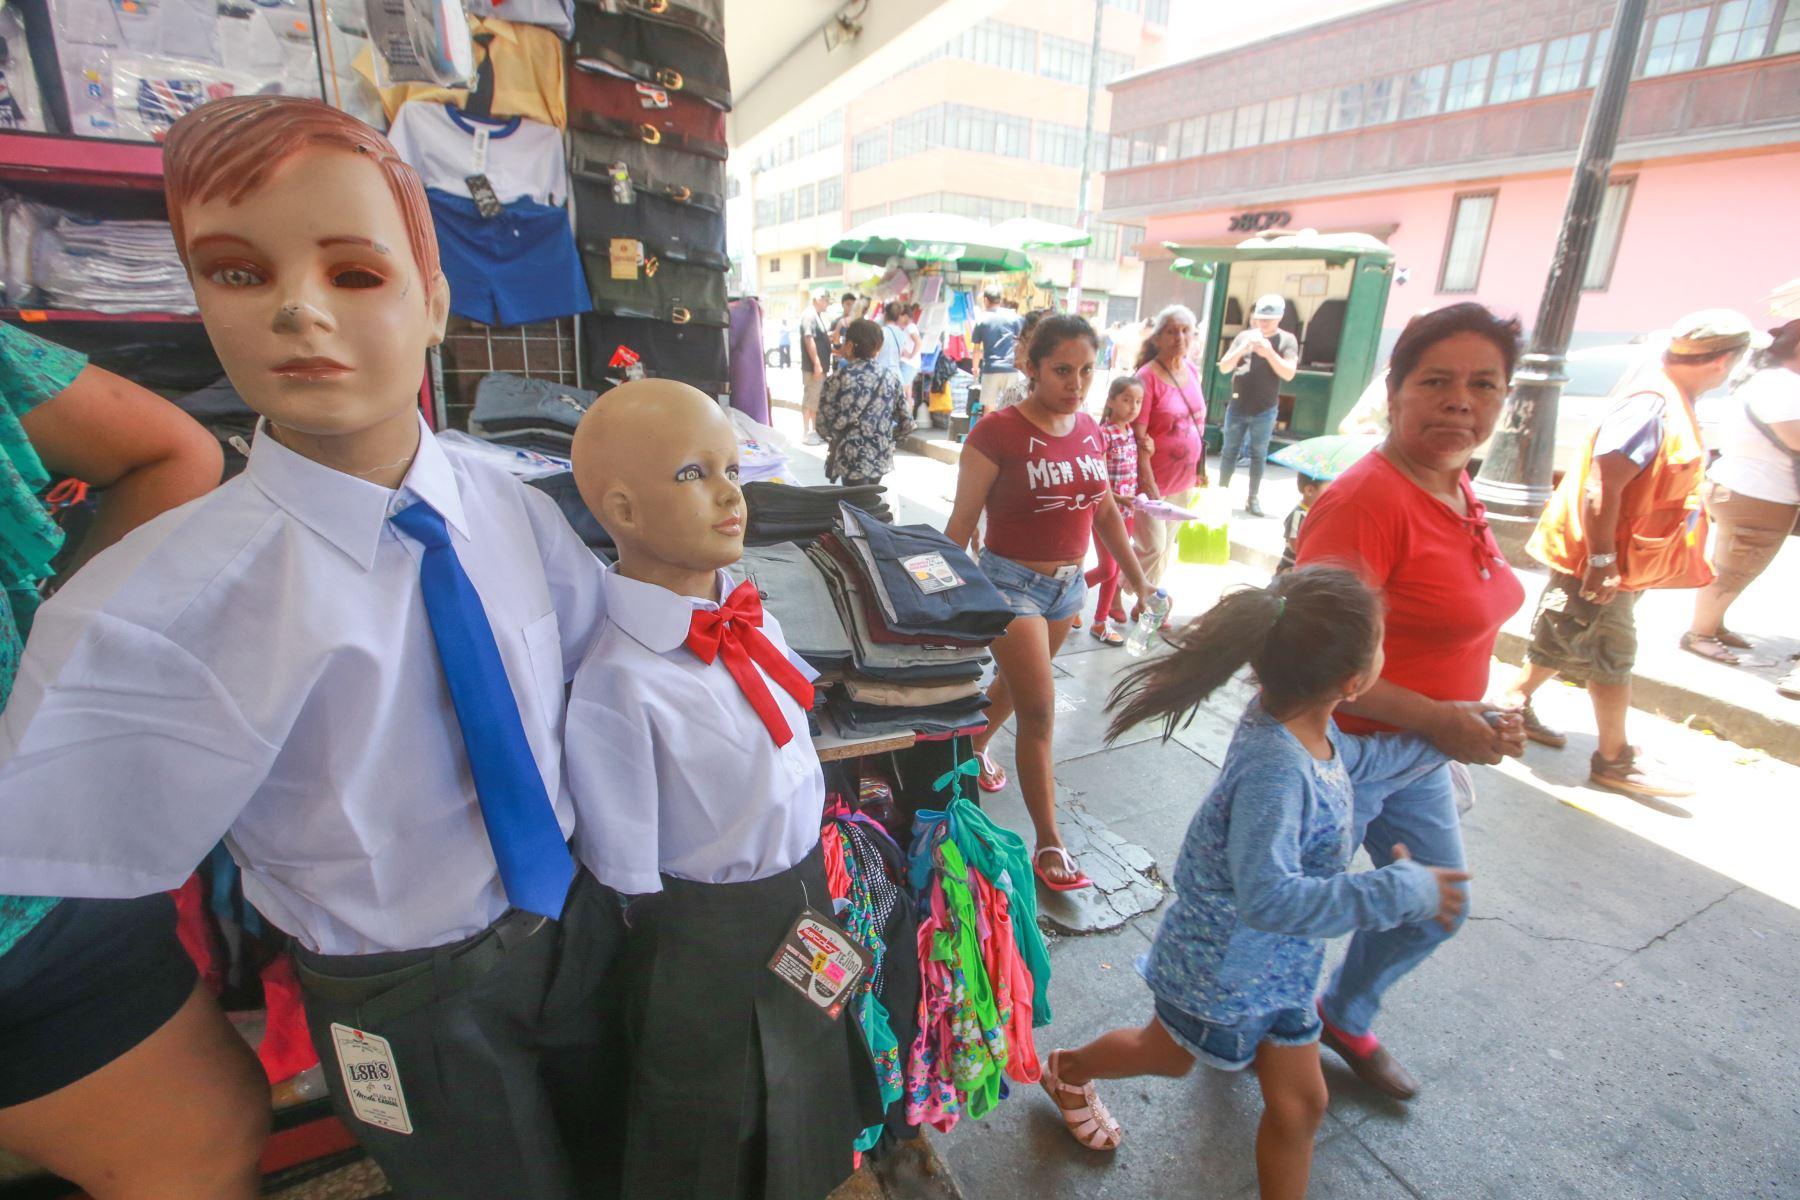 A pocos días de iniciarse el año escolar 2018, padres de familia acuden a centros comerciales para compra de útiles y uniformes. Foto: ANDINA/ Jhony Laurente